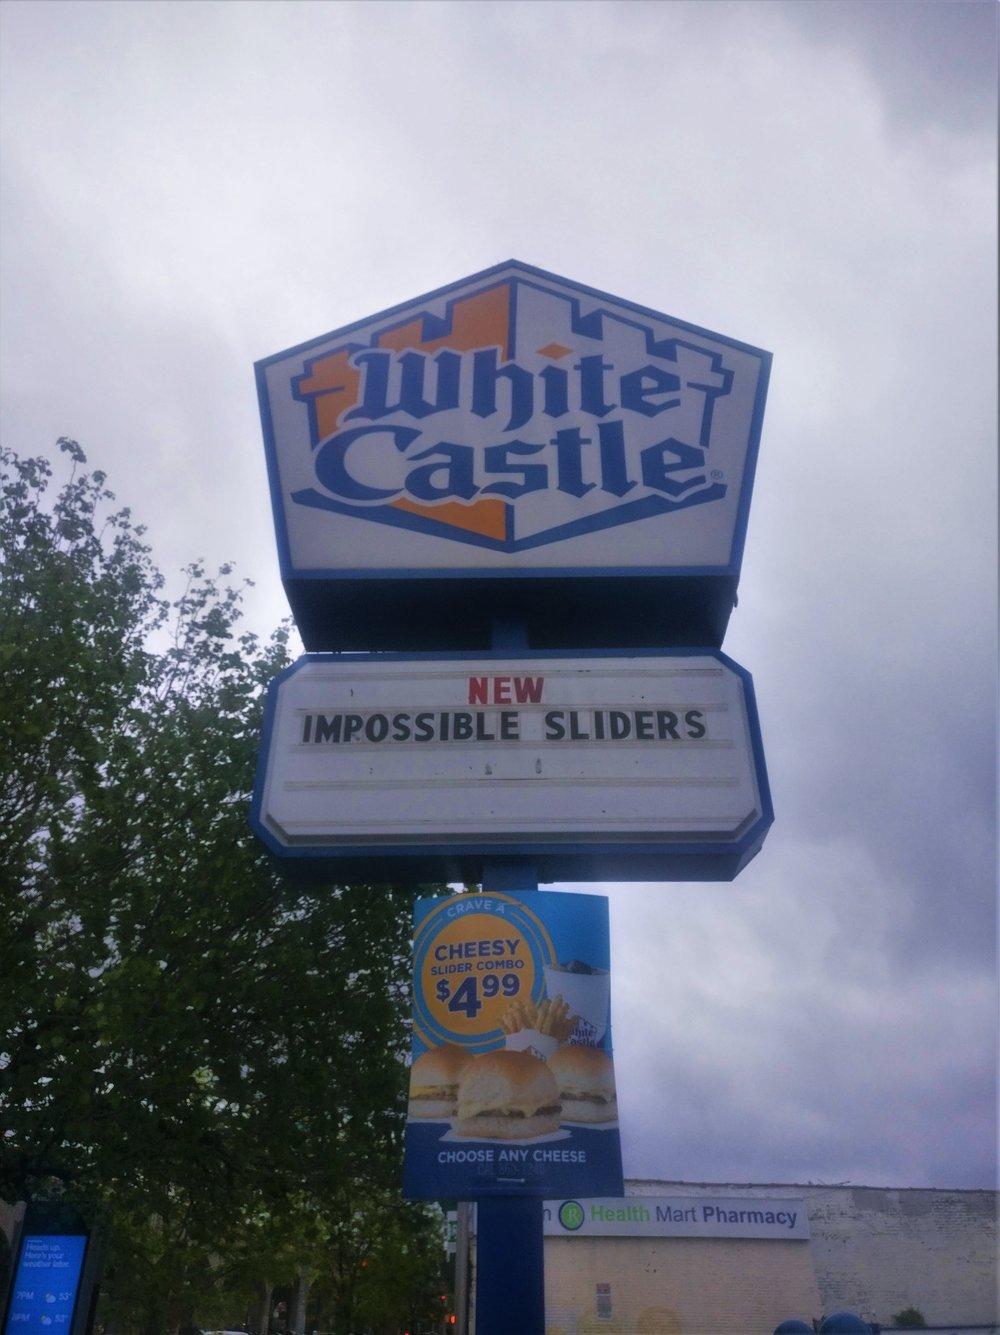 whitecastle.jpg